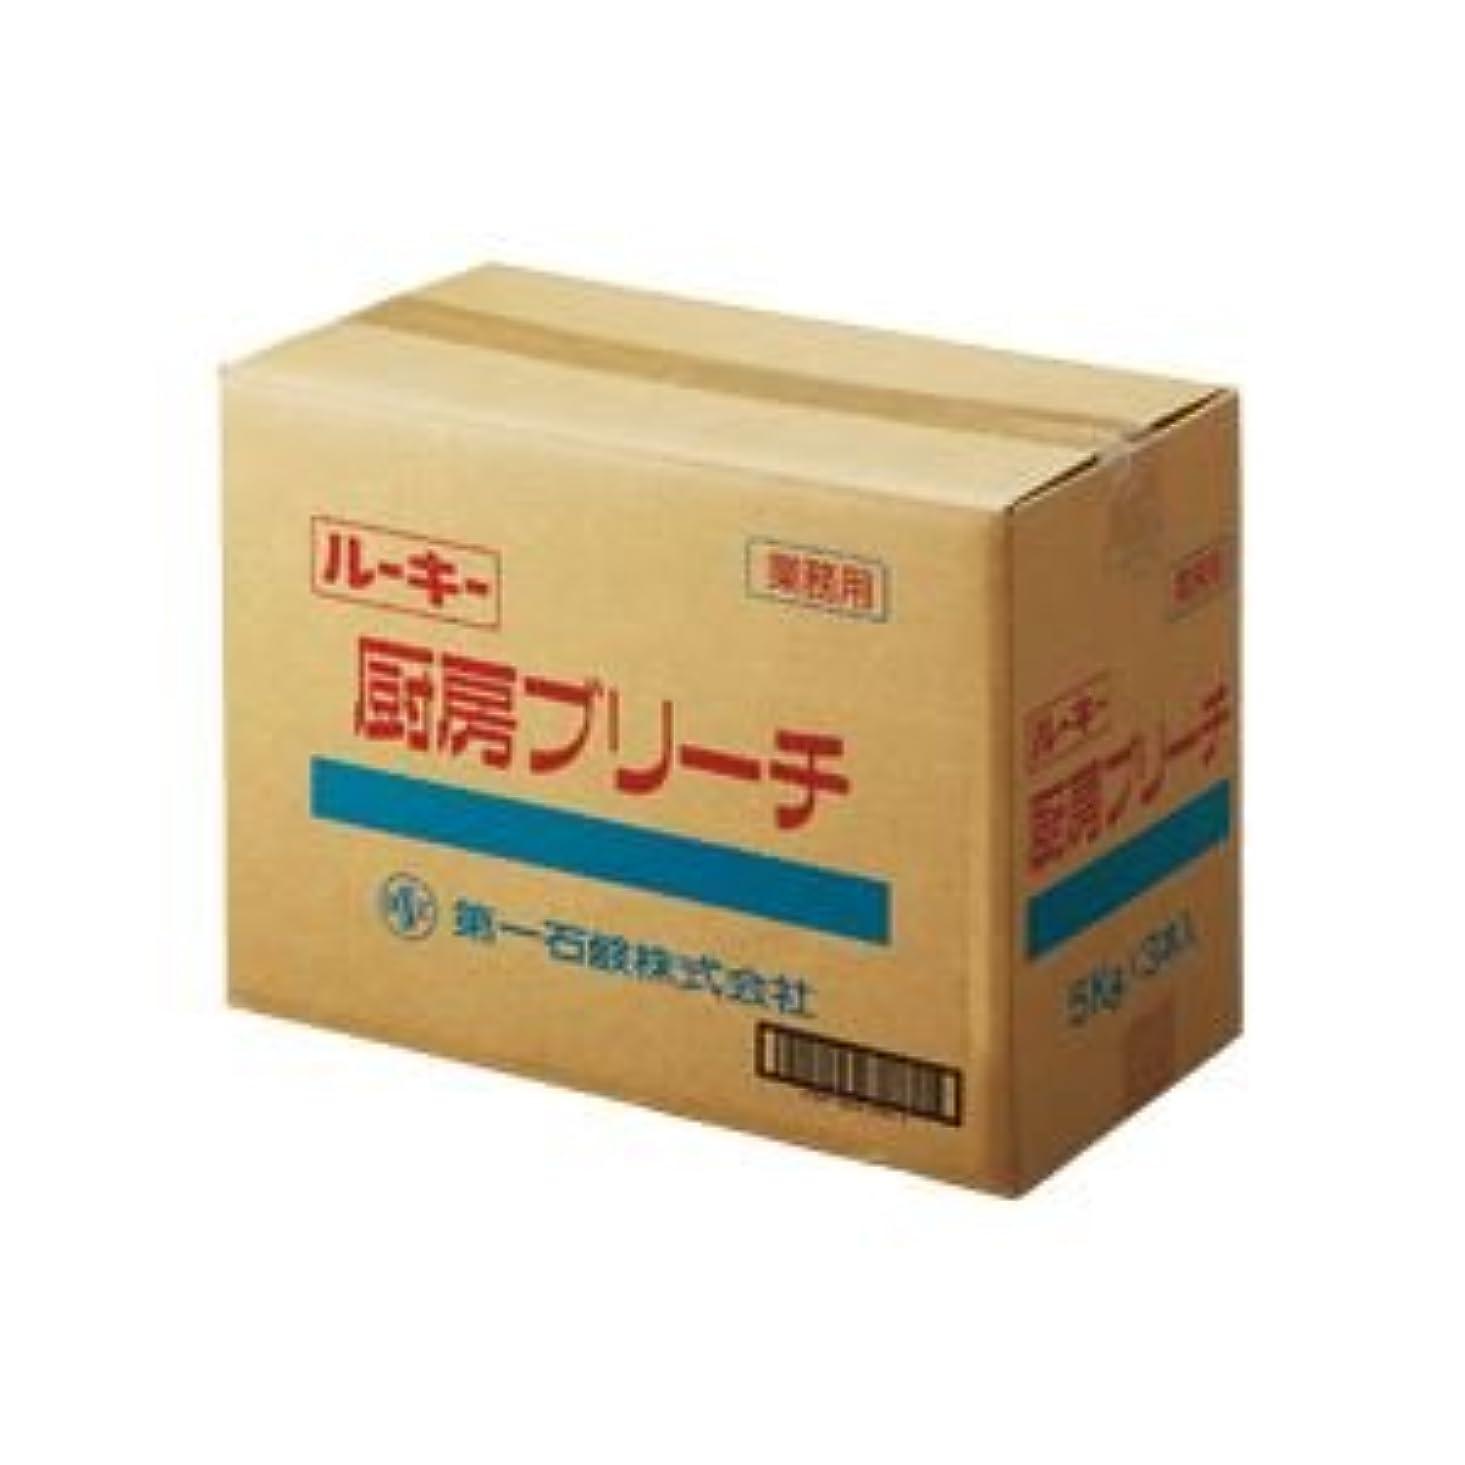 阻害する縞模様のクレーン(まとめ) 第一石鹸 ルーキー 厨房ブリーチ 業務用 5kg/本 1セット(3本) 【×2セット】